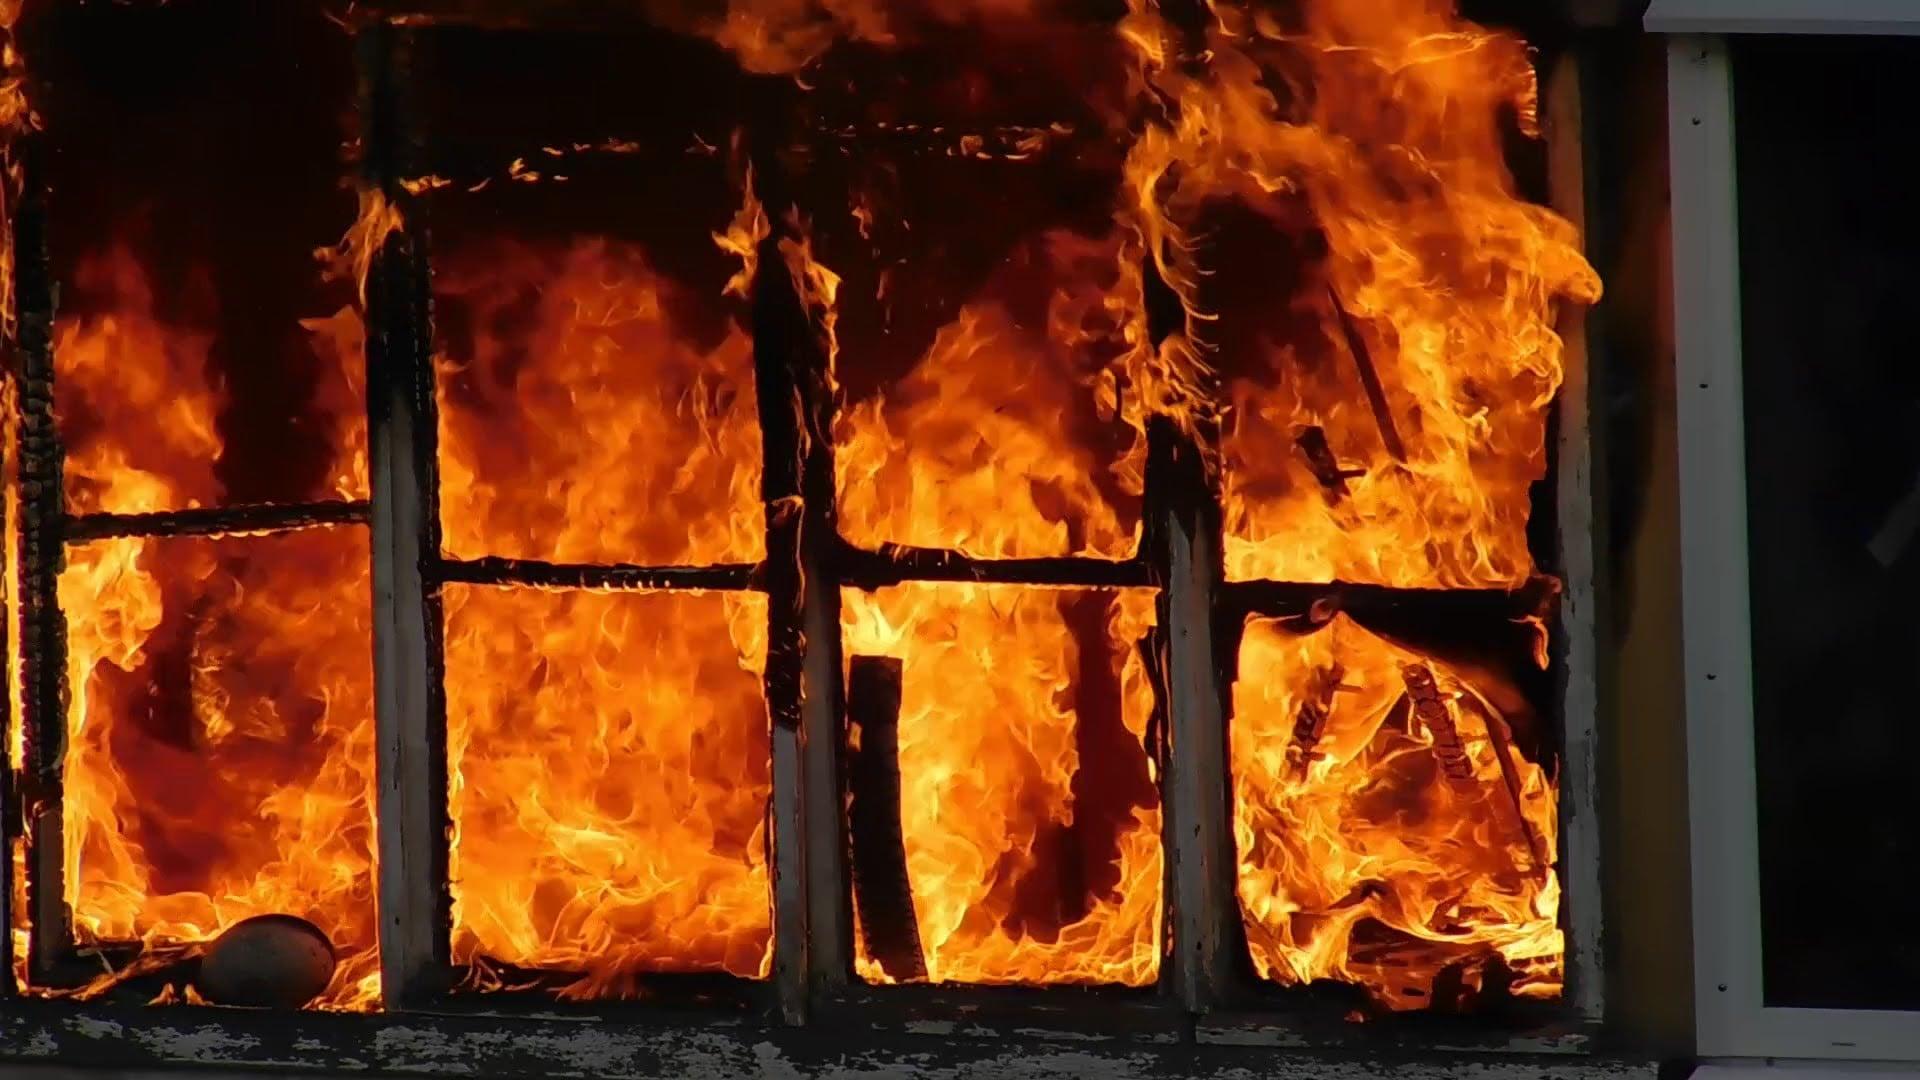 Житель Тверской области, недовольный разделом имущества, спалил дом своей жены